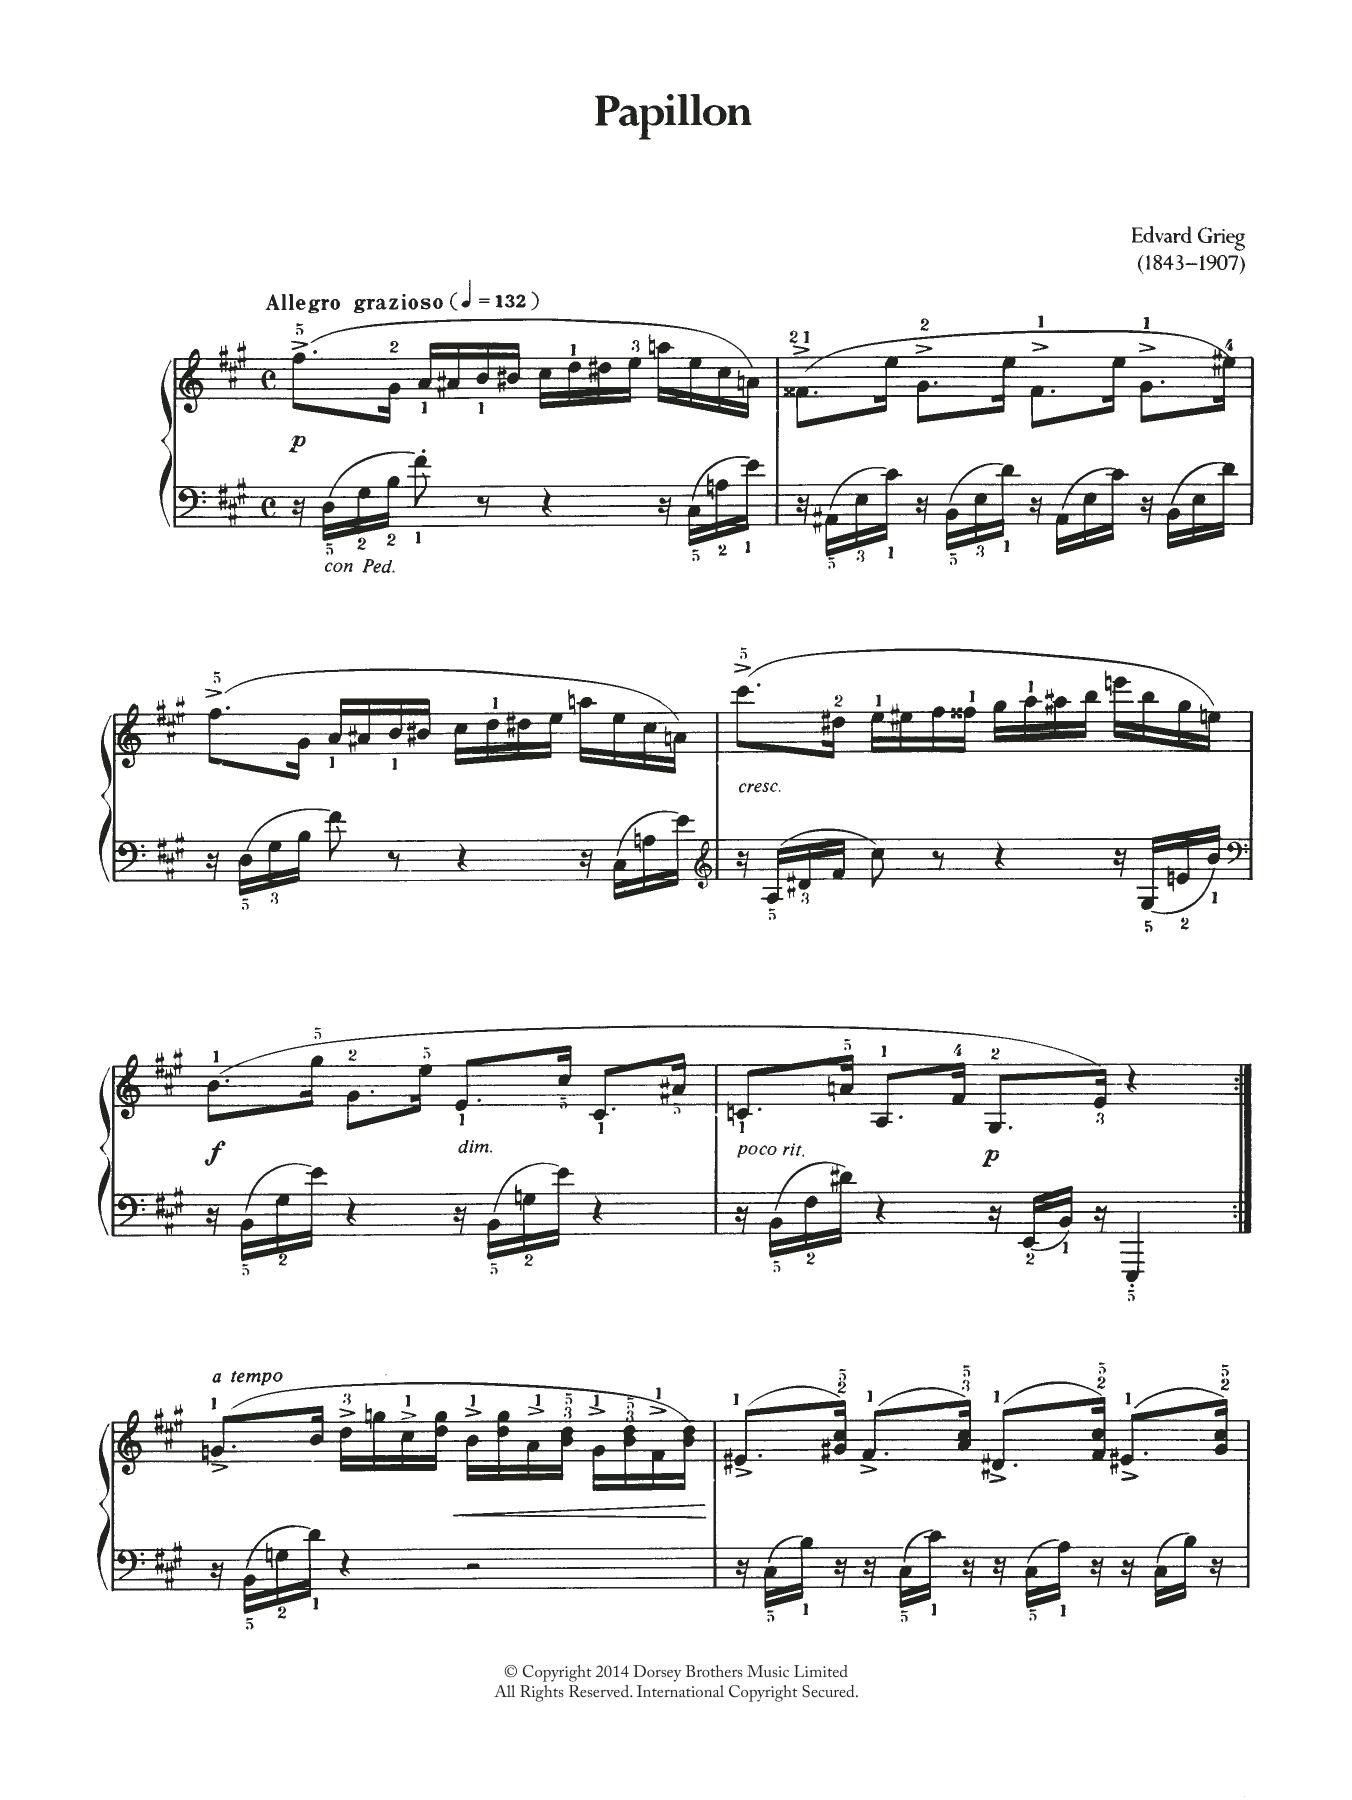 Edvard Grieg - Papillon